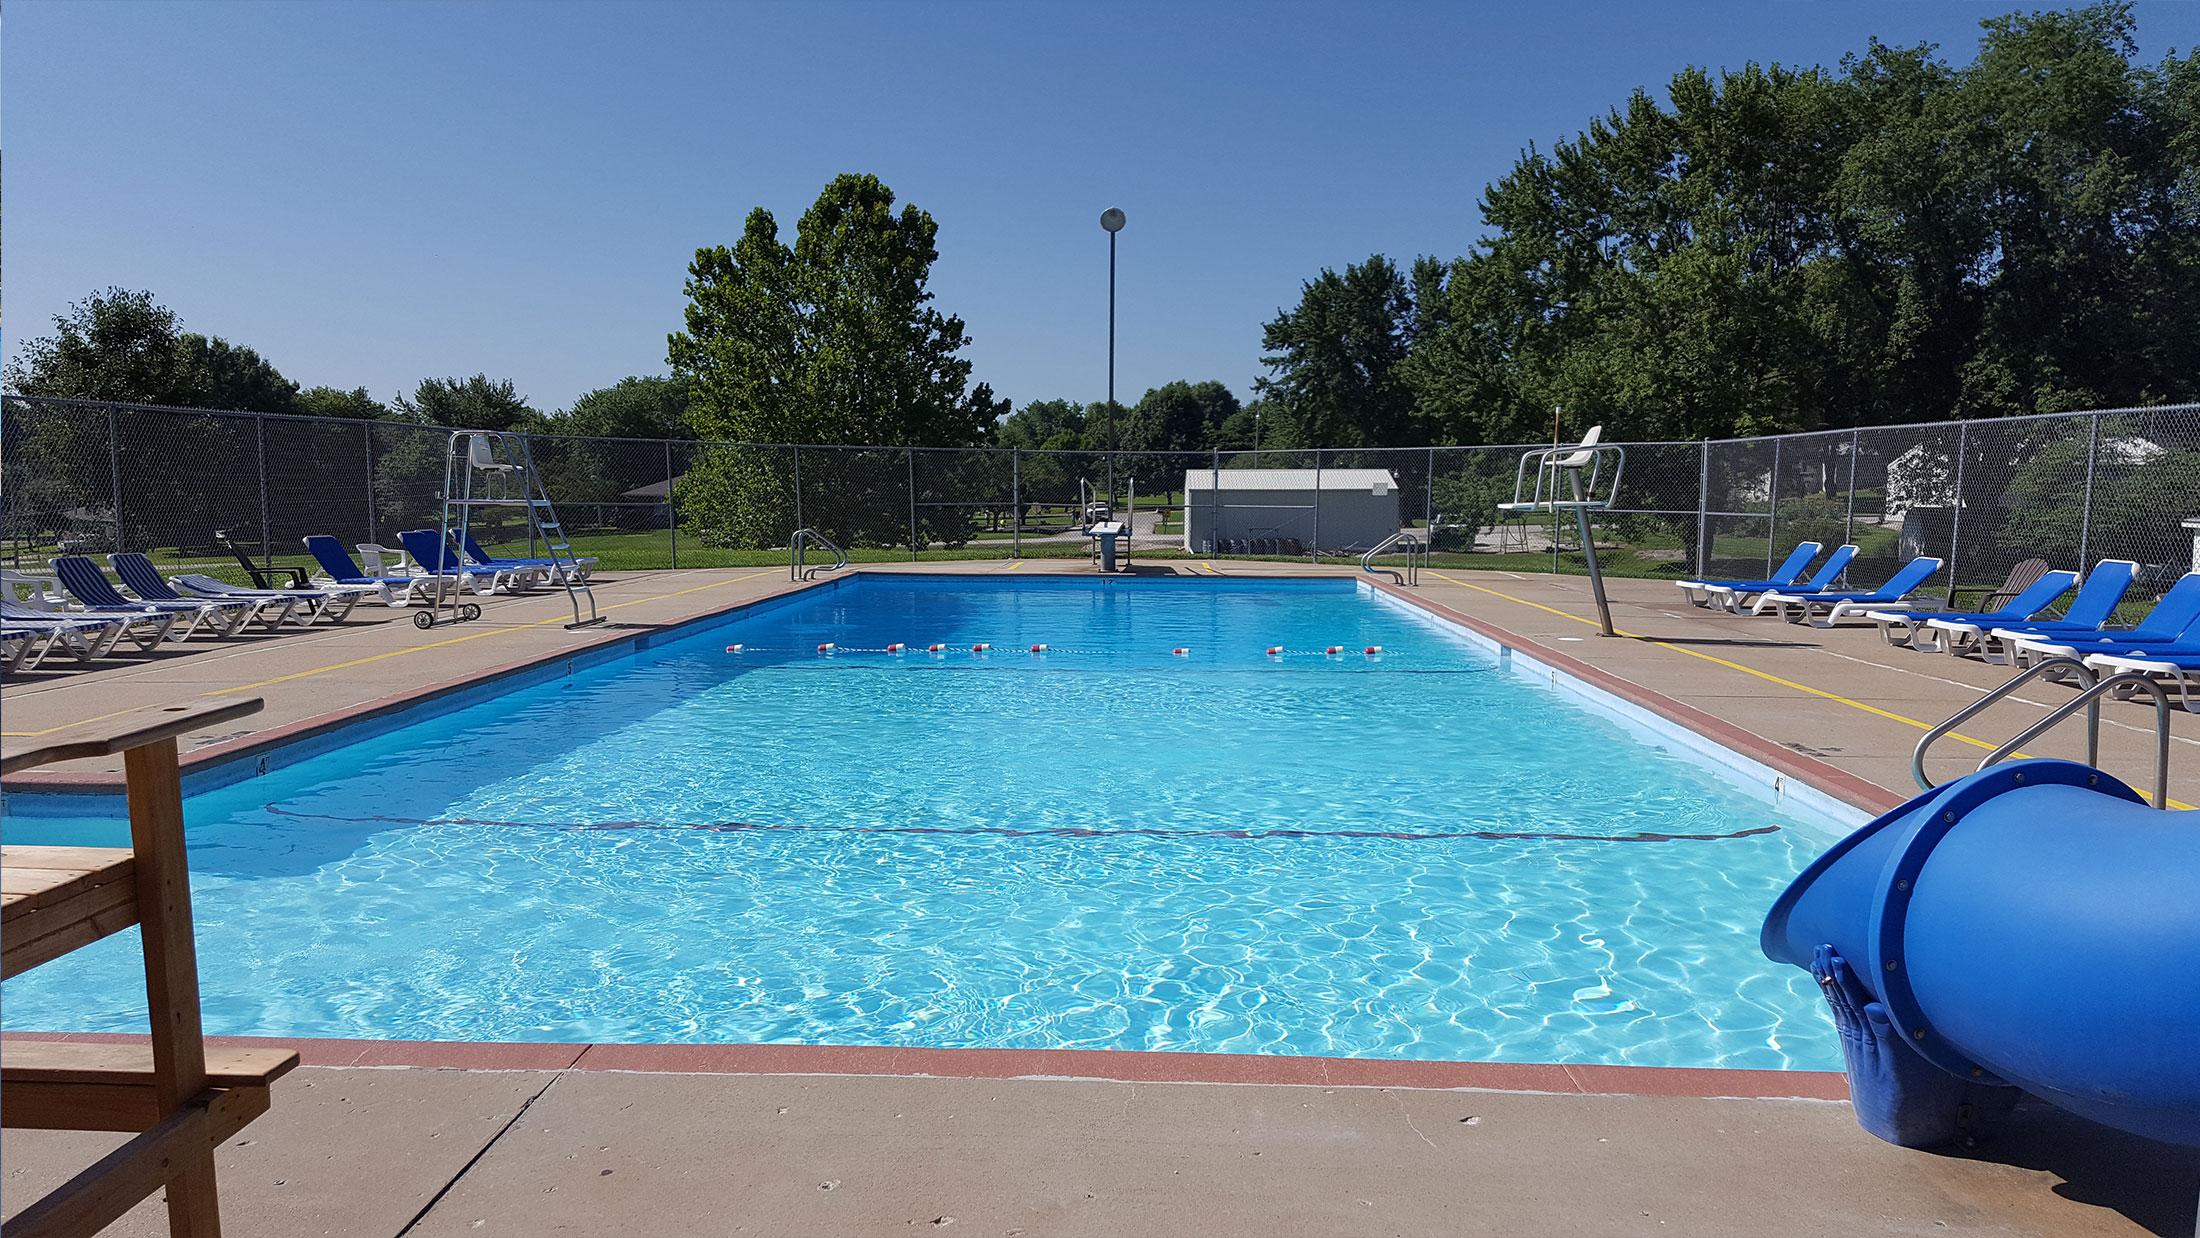 Salisbury Municipal Pool